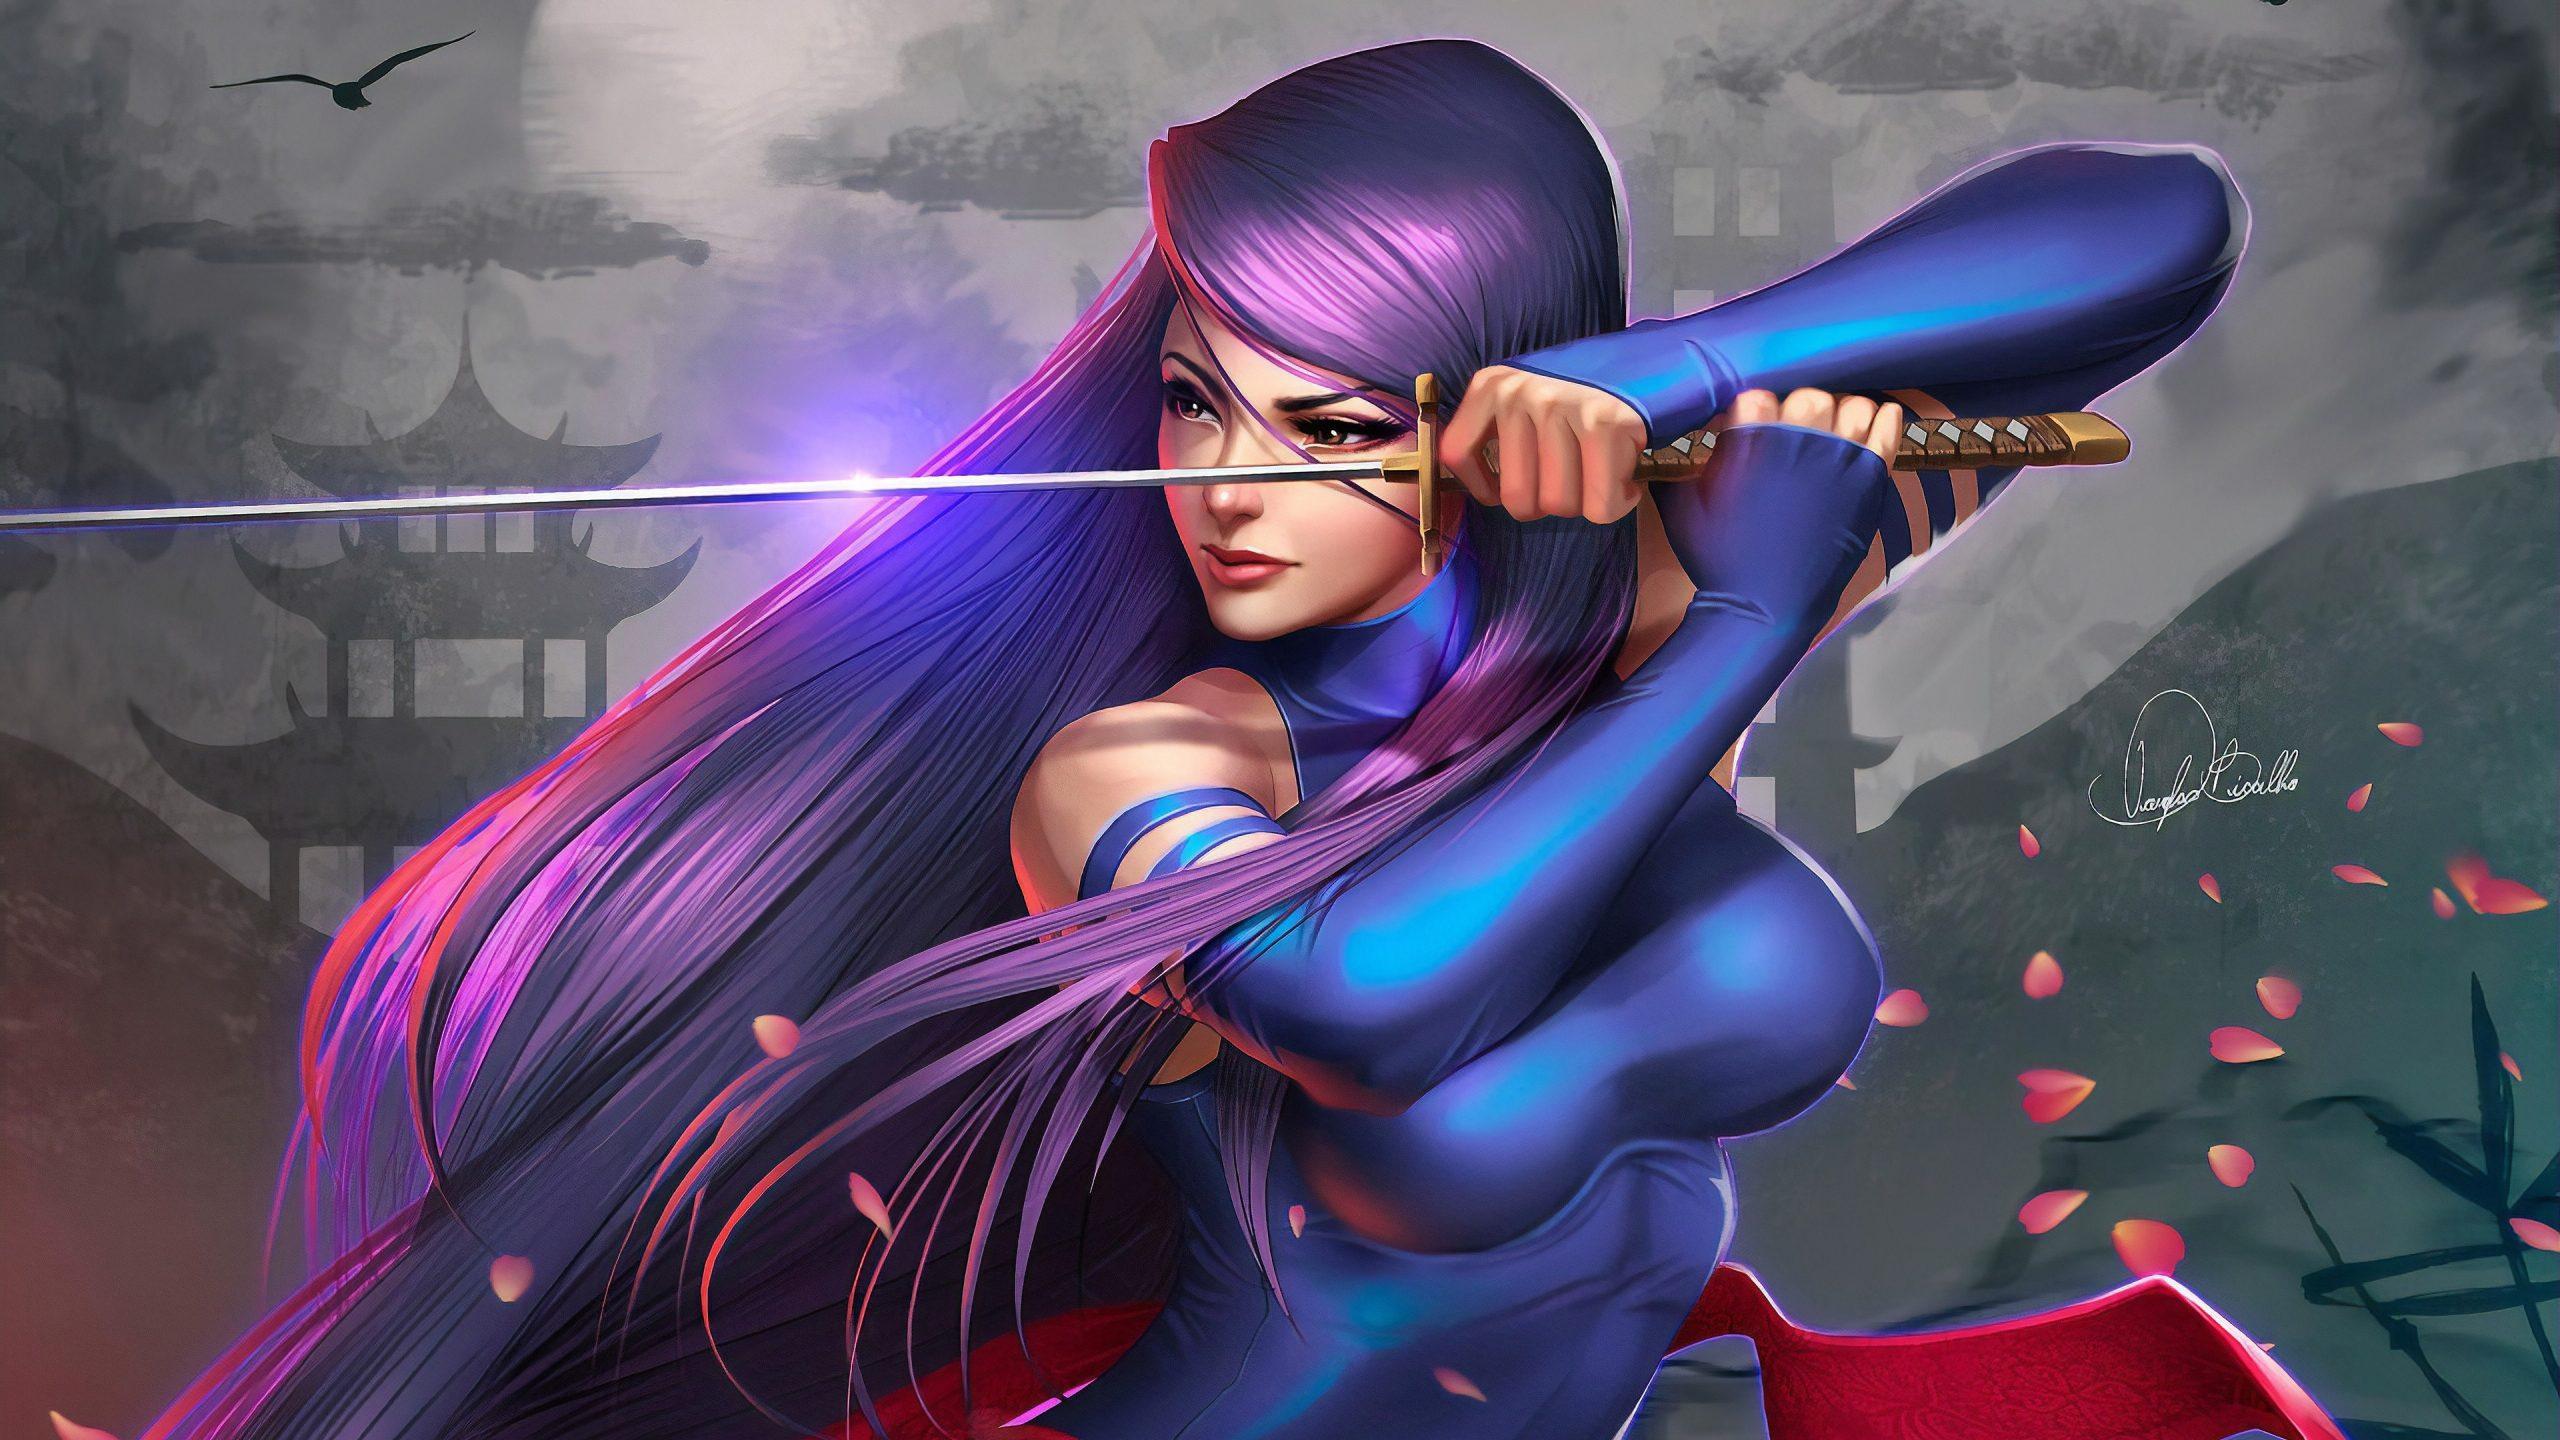 Samurai Girl Art 4K Wallpaper scaled